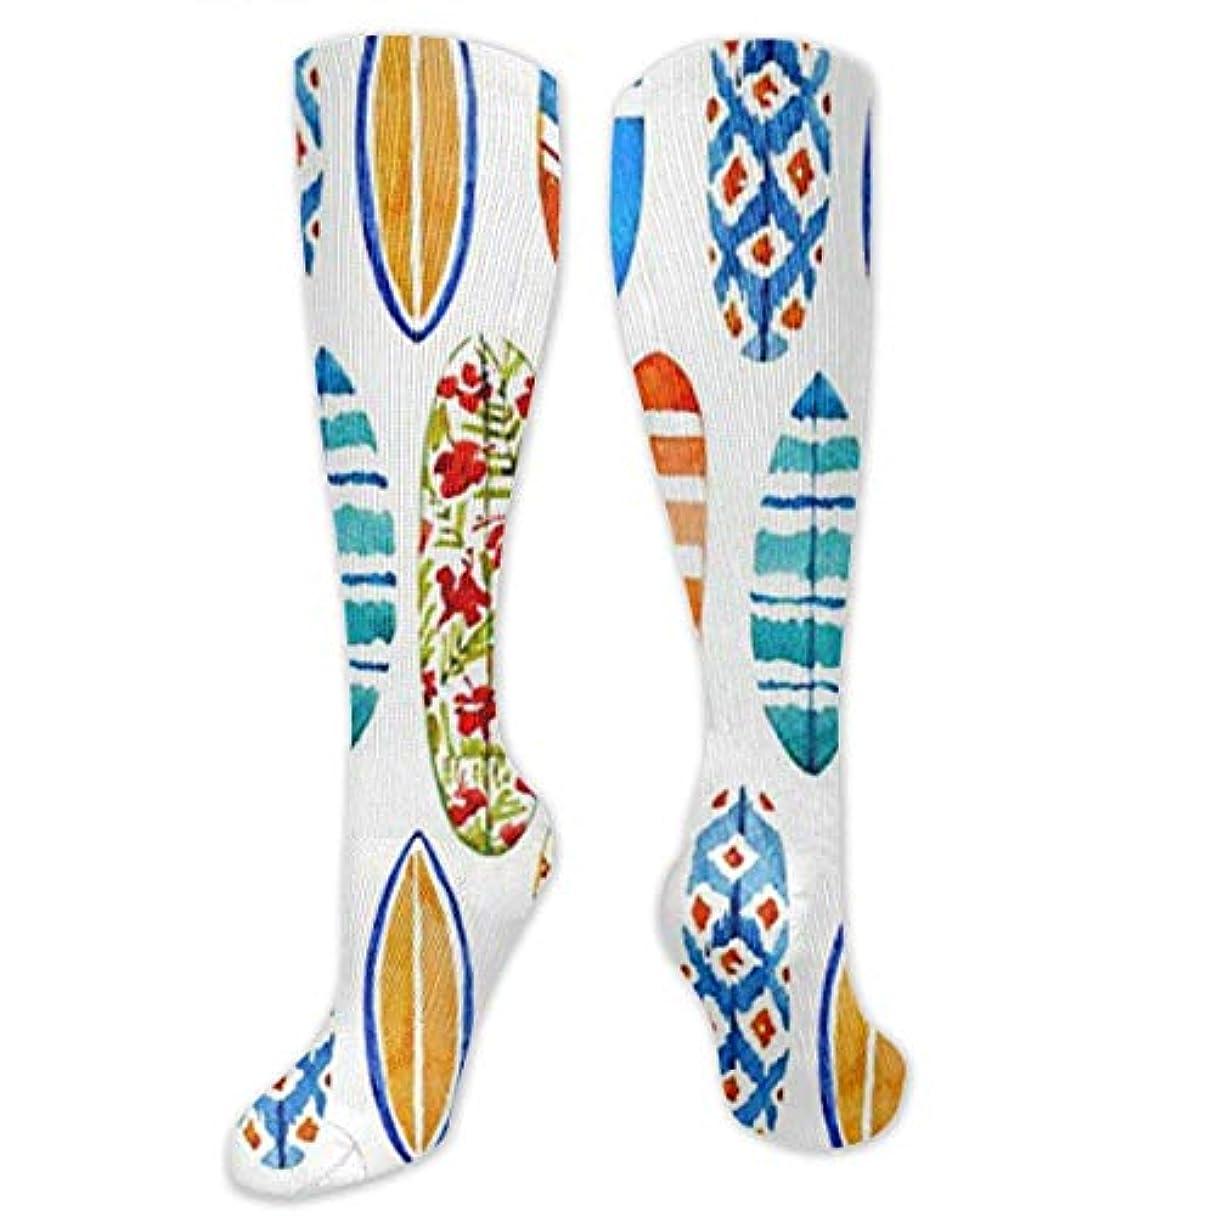 配管工支給帝国主義靴下,ストッキング,野生のジョーカー,実際,秋の本質,冬必須,サマーウェア&RBXAA Watercolor Surfboards Socks Women's Winter Cotton Long Tube Socks...